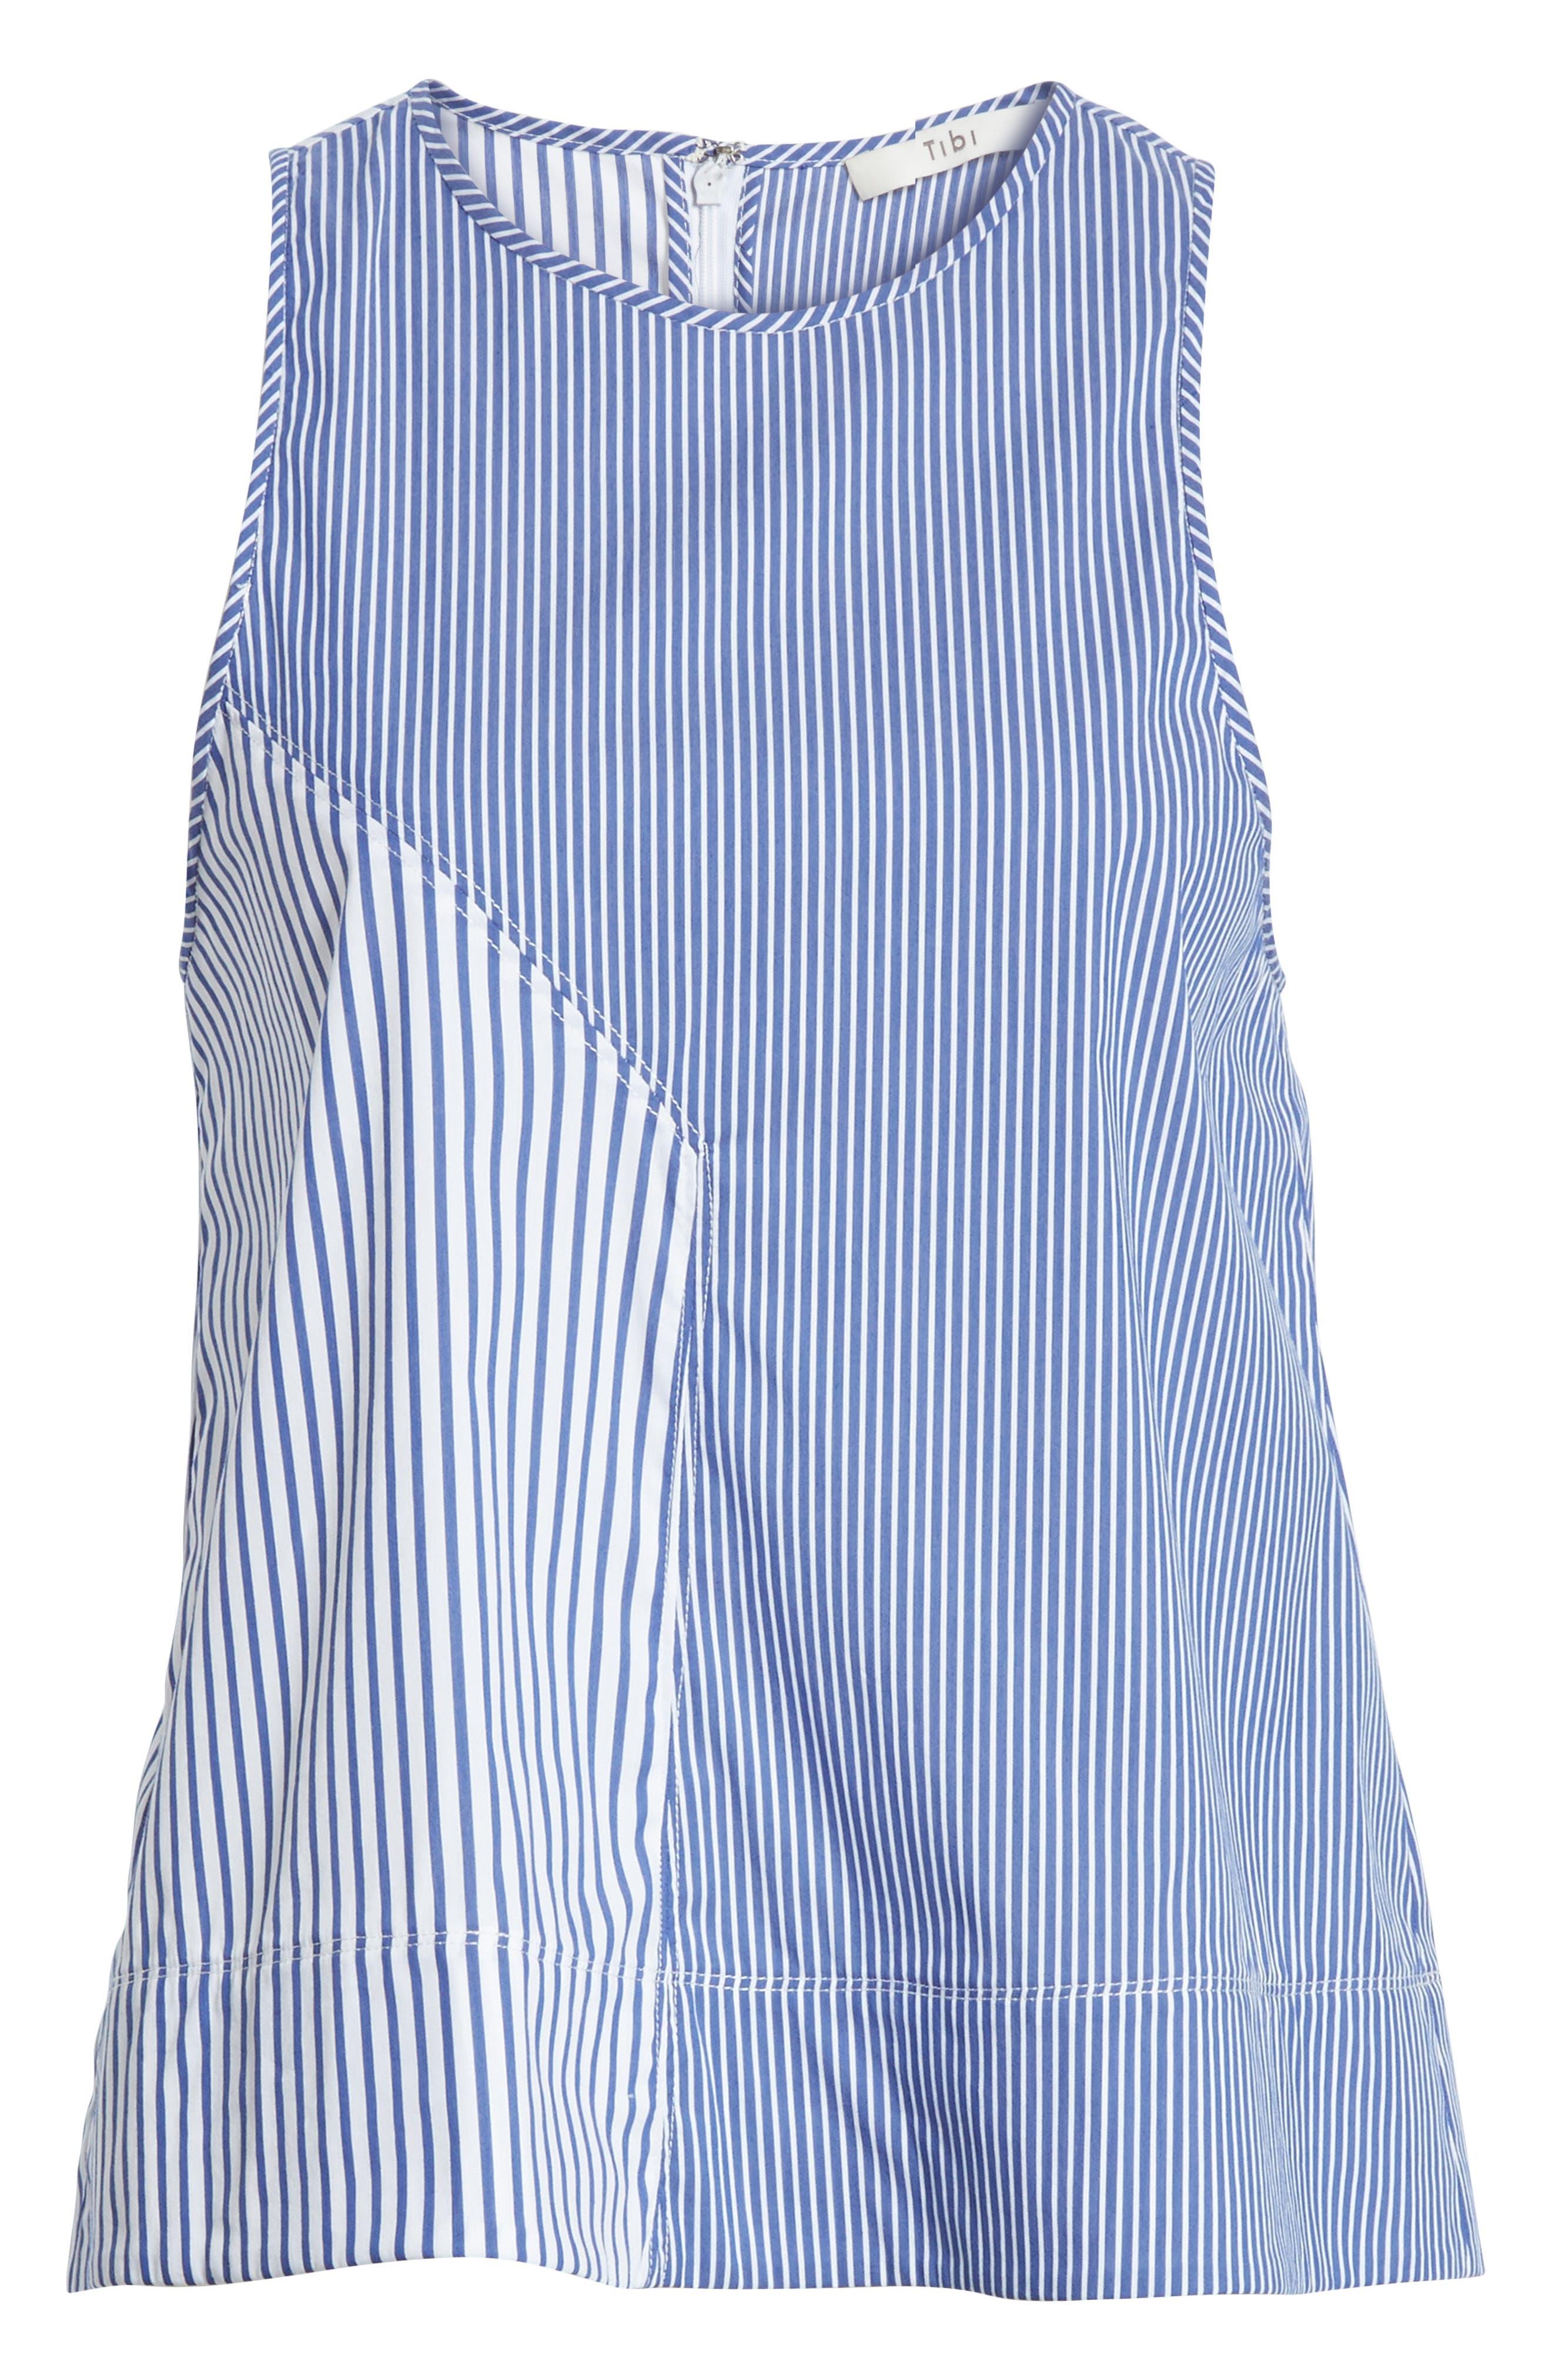 Colorblock Stripe Tank,                             Alternate thumbnail 6, color,                             Blue Multi